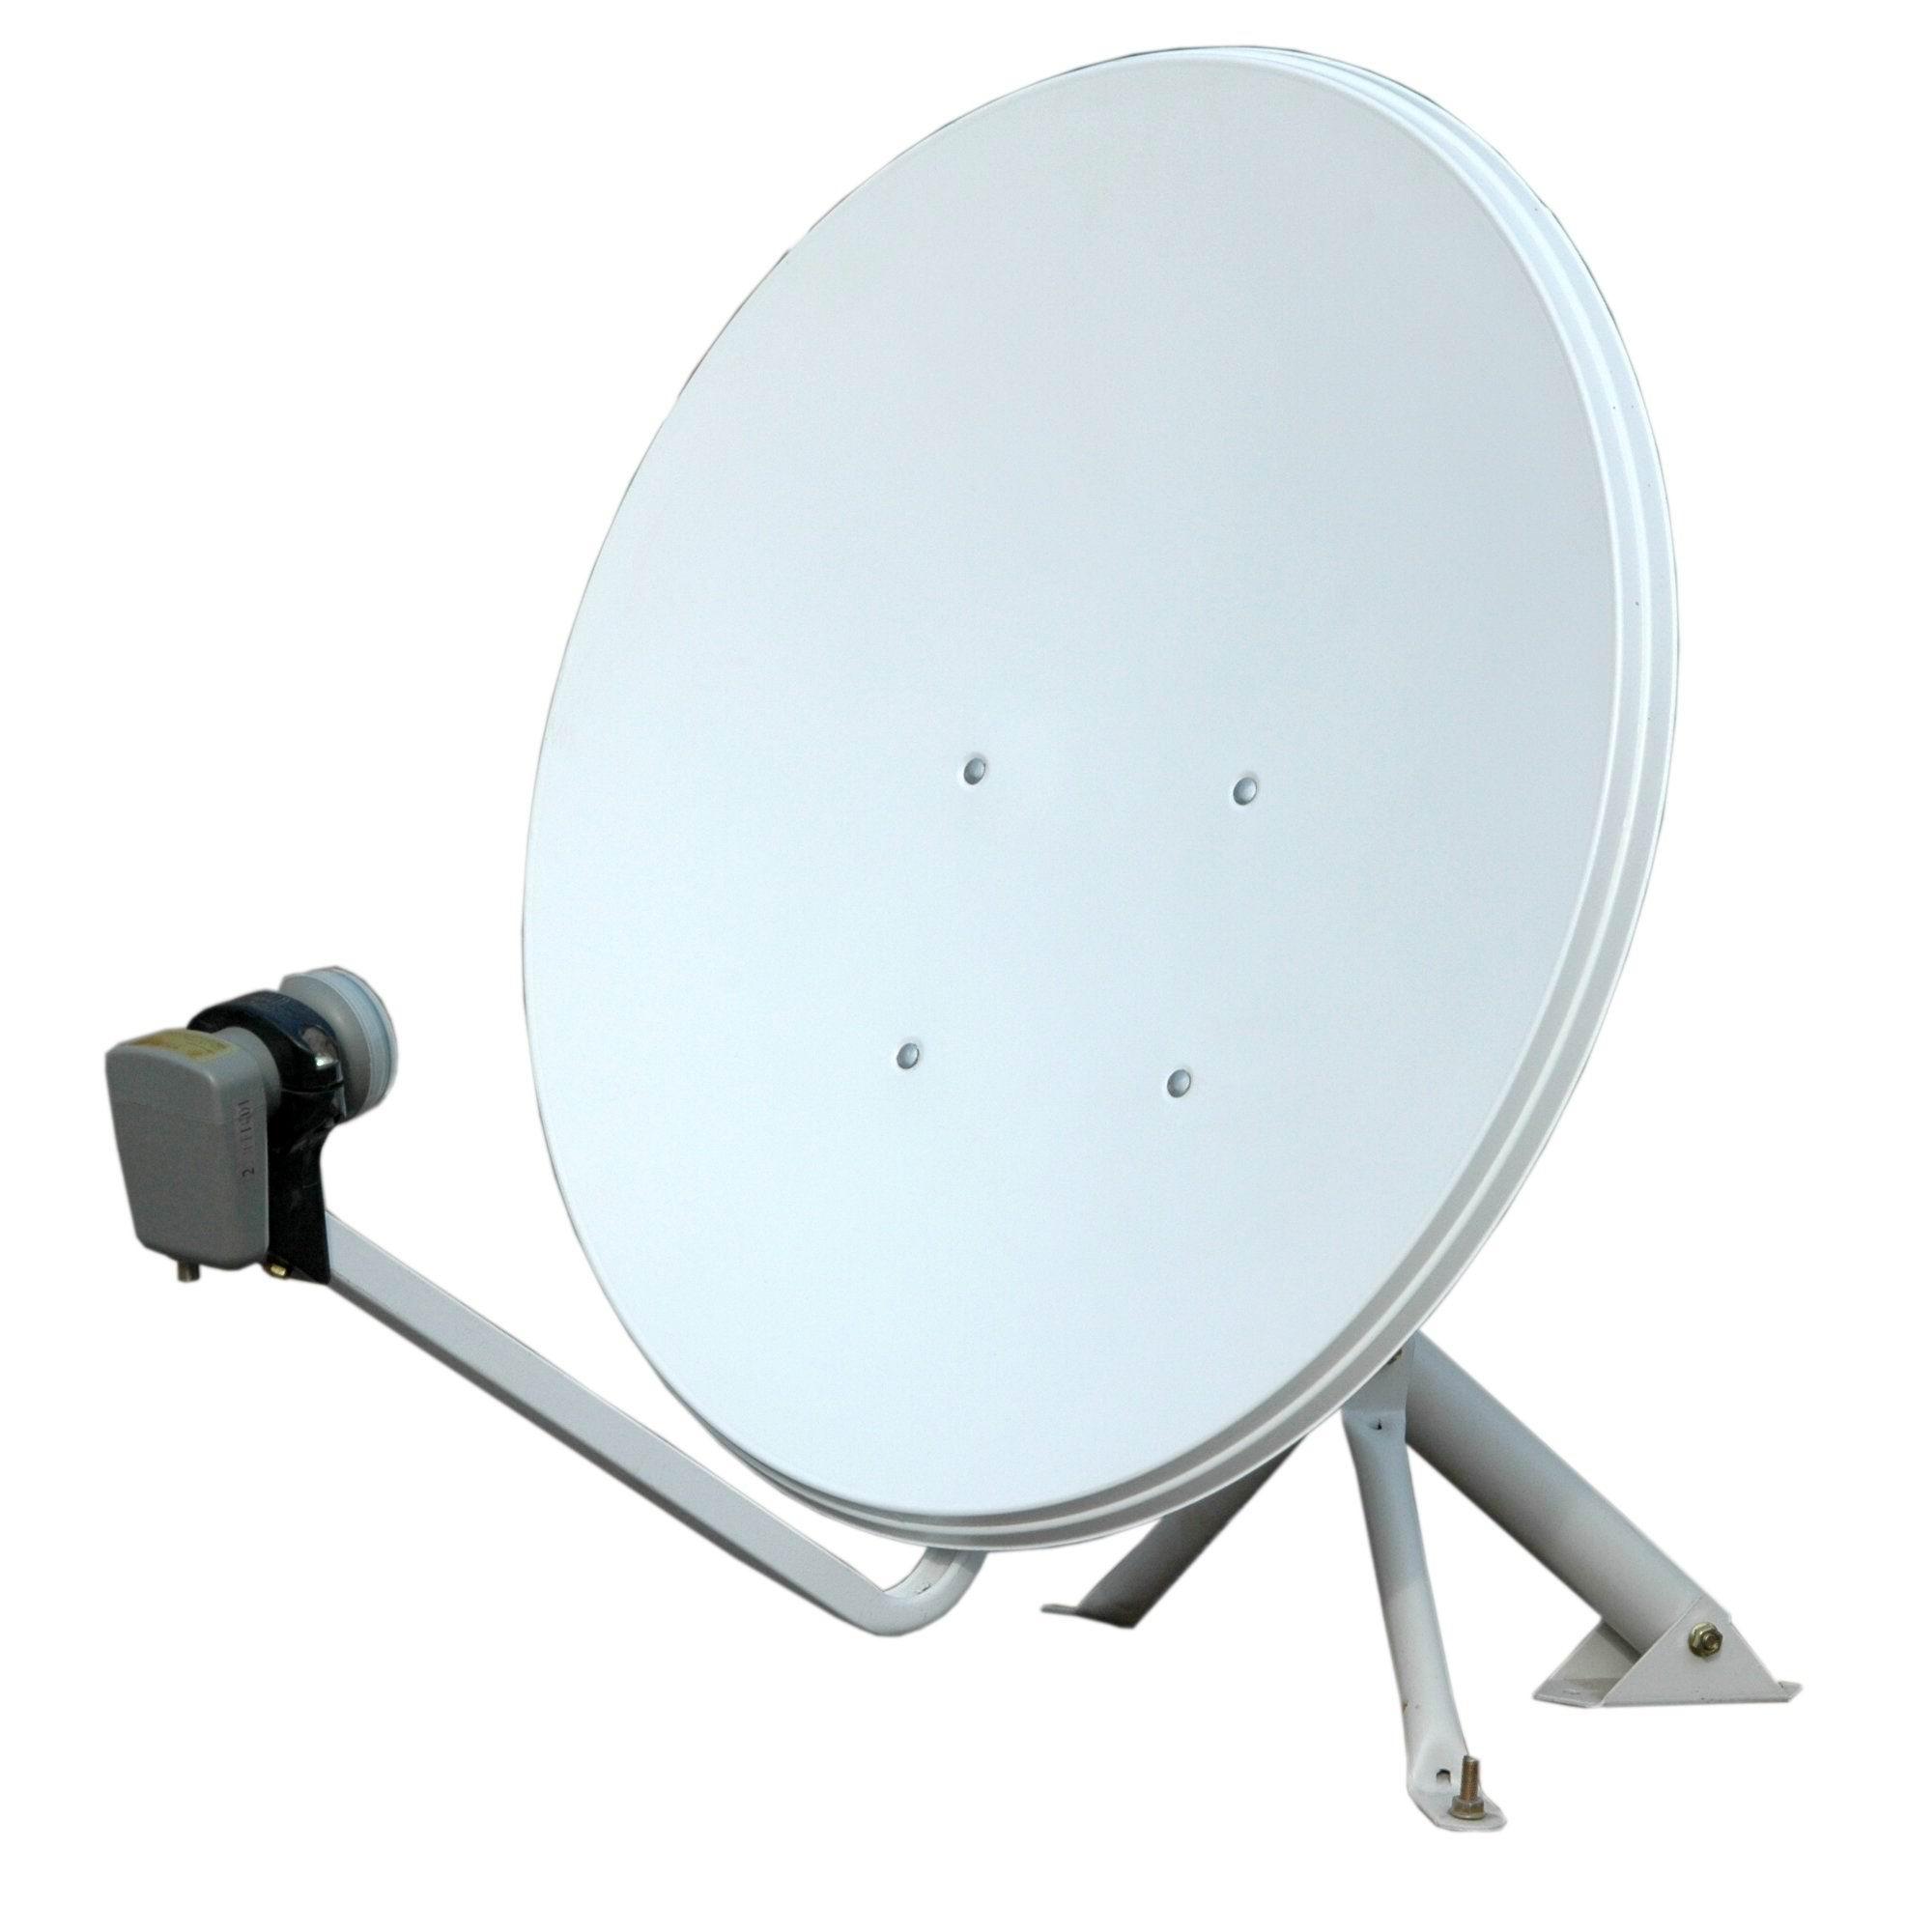 Ku-band 35 Cm Antena Parabola - Buy Antena Satelit,Antena,Antena Parabola  Product on Alibaba.com